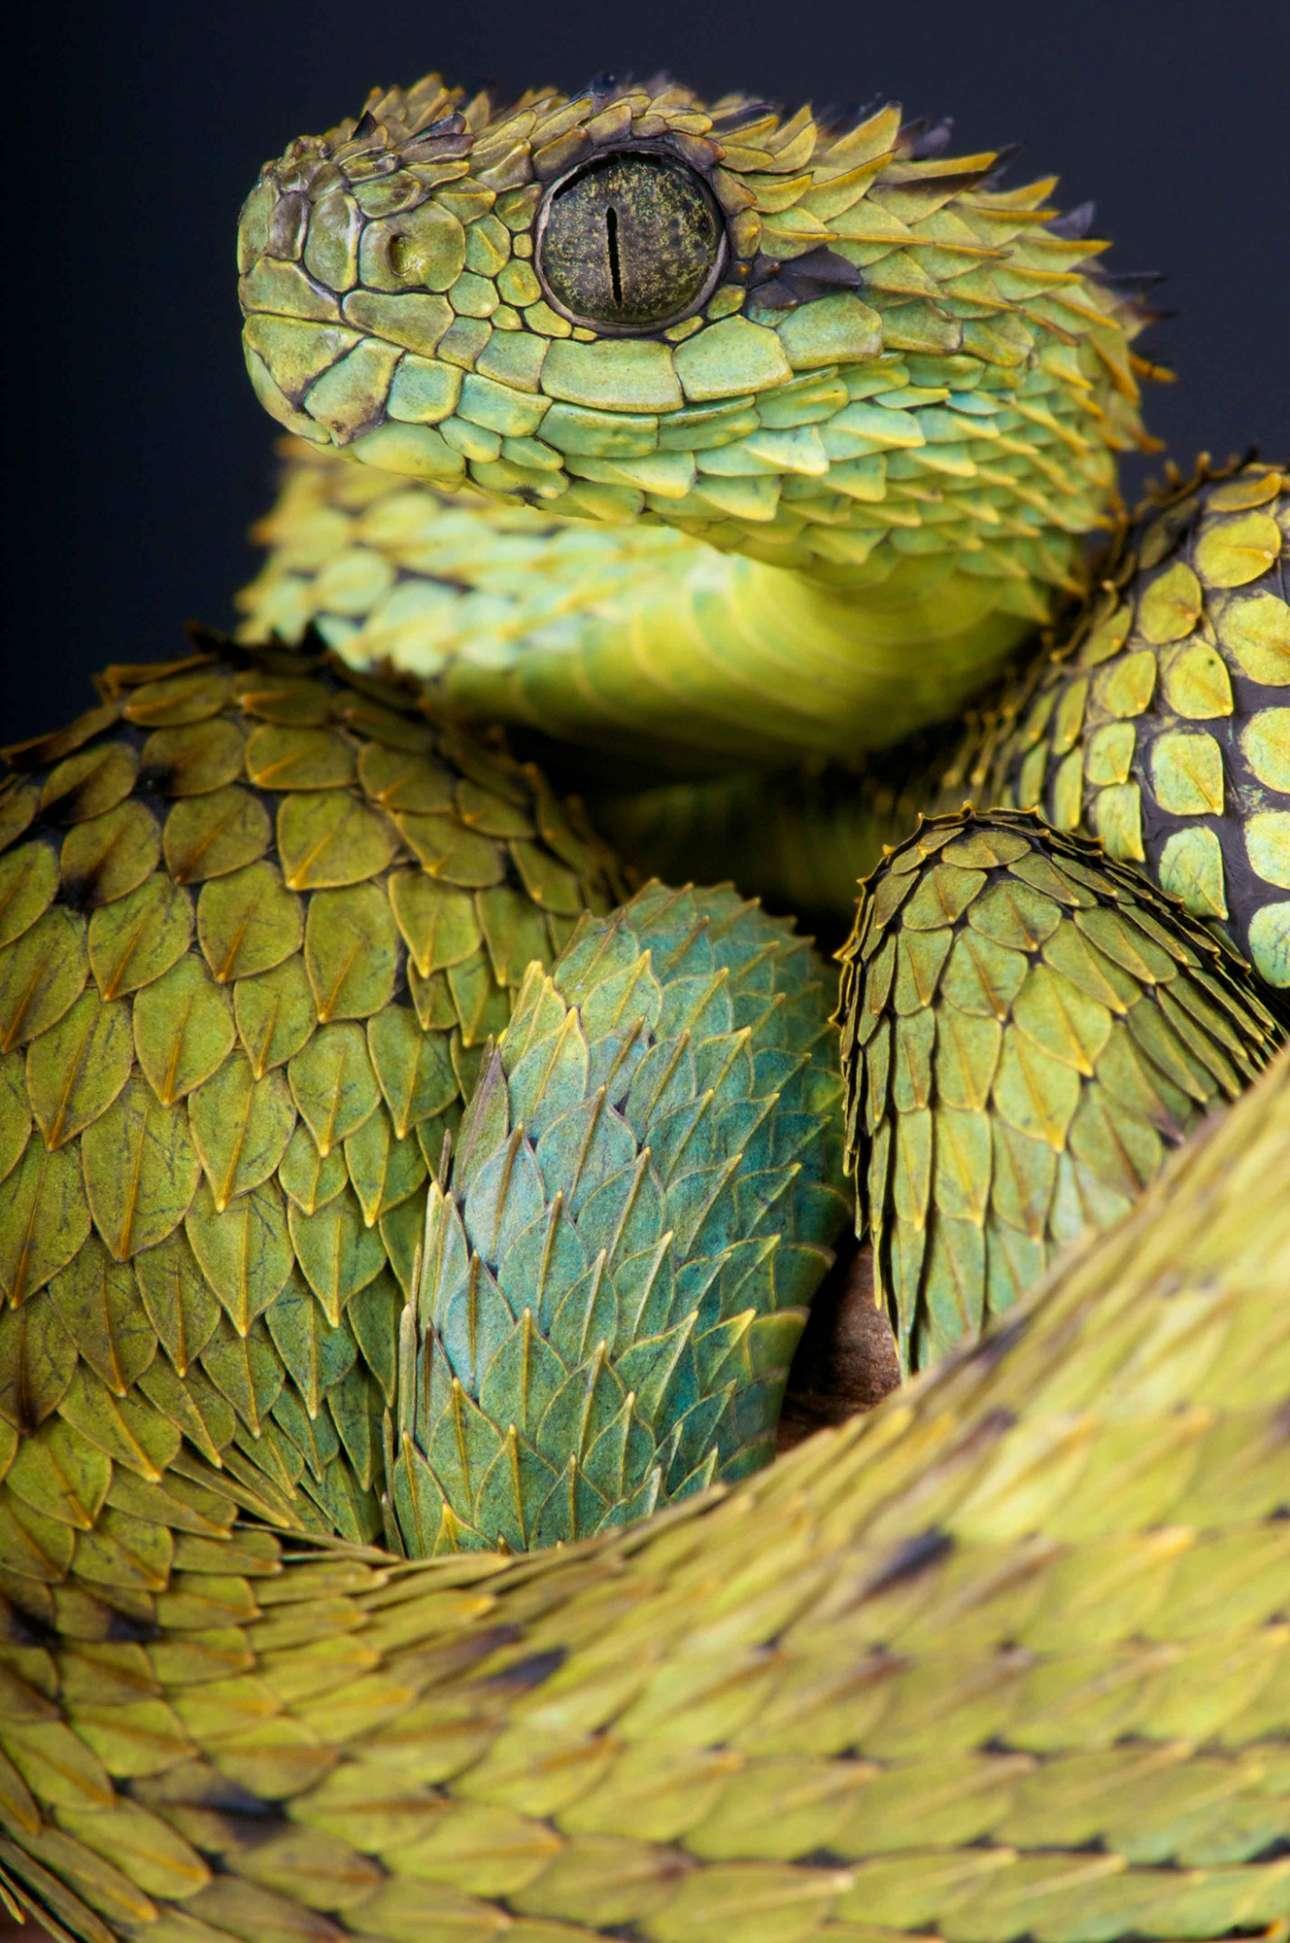 Η δηλητηριώδης οχιά Atheris hispida με τα πολύ έντονα «λέπια» που θυμίζουν φύλλα